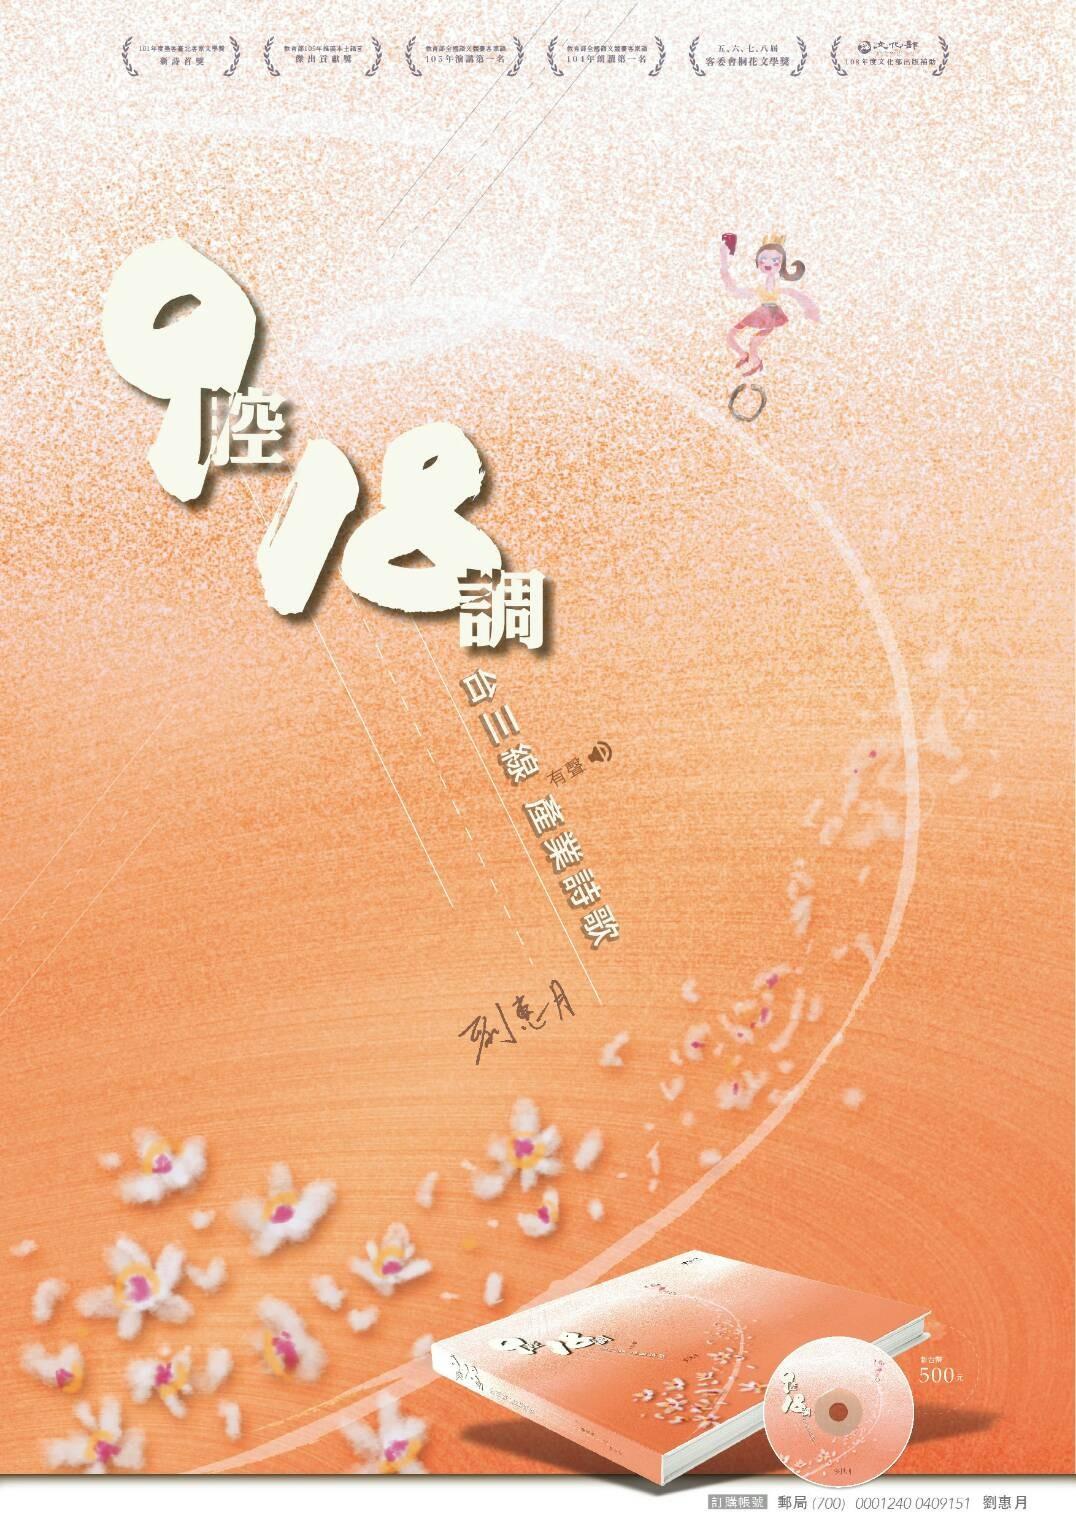 23.猴嘰哩毋食个果子(選自九腔十八調-台三線產業詩歌有聲書,作者劉惠月)